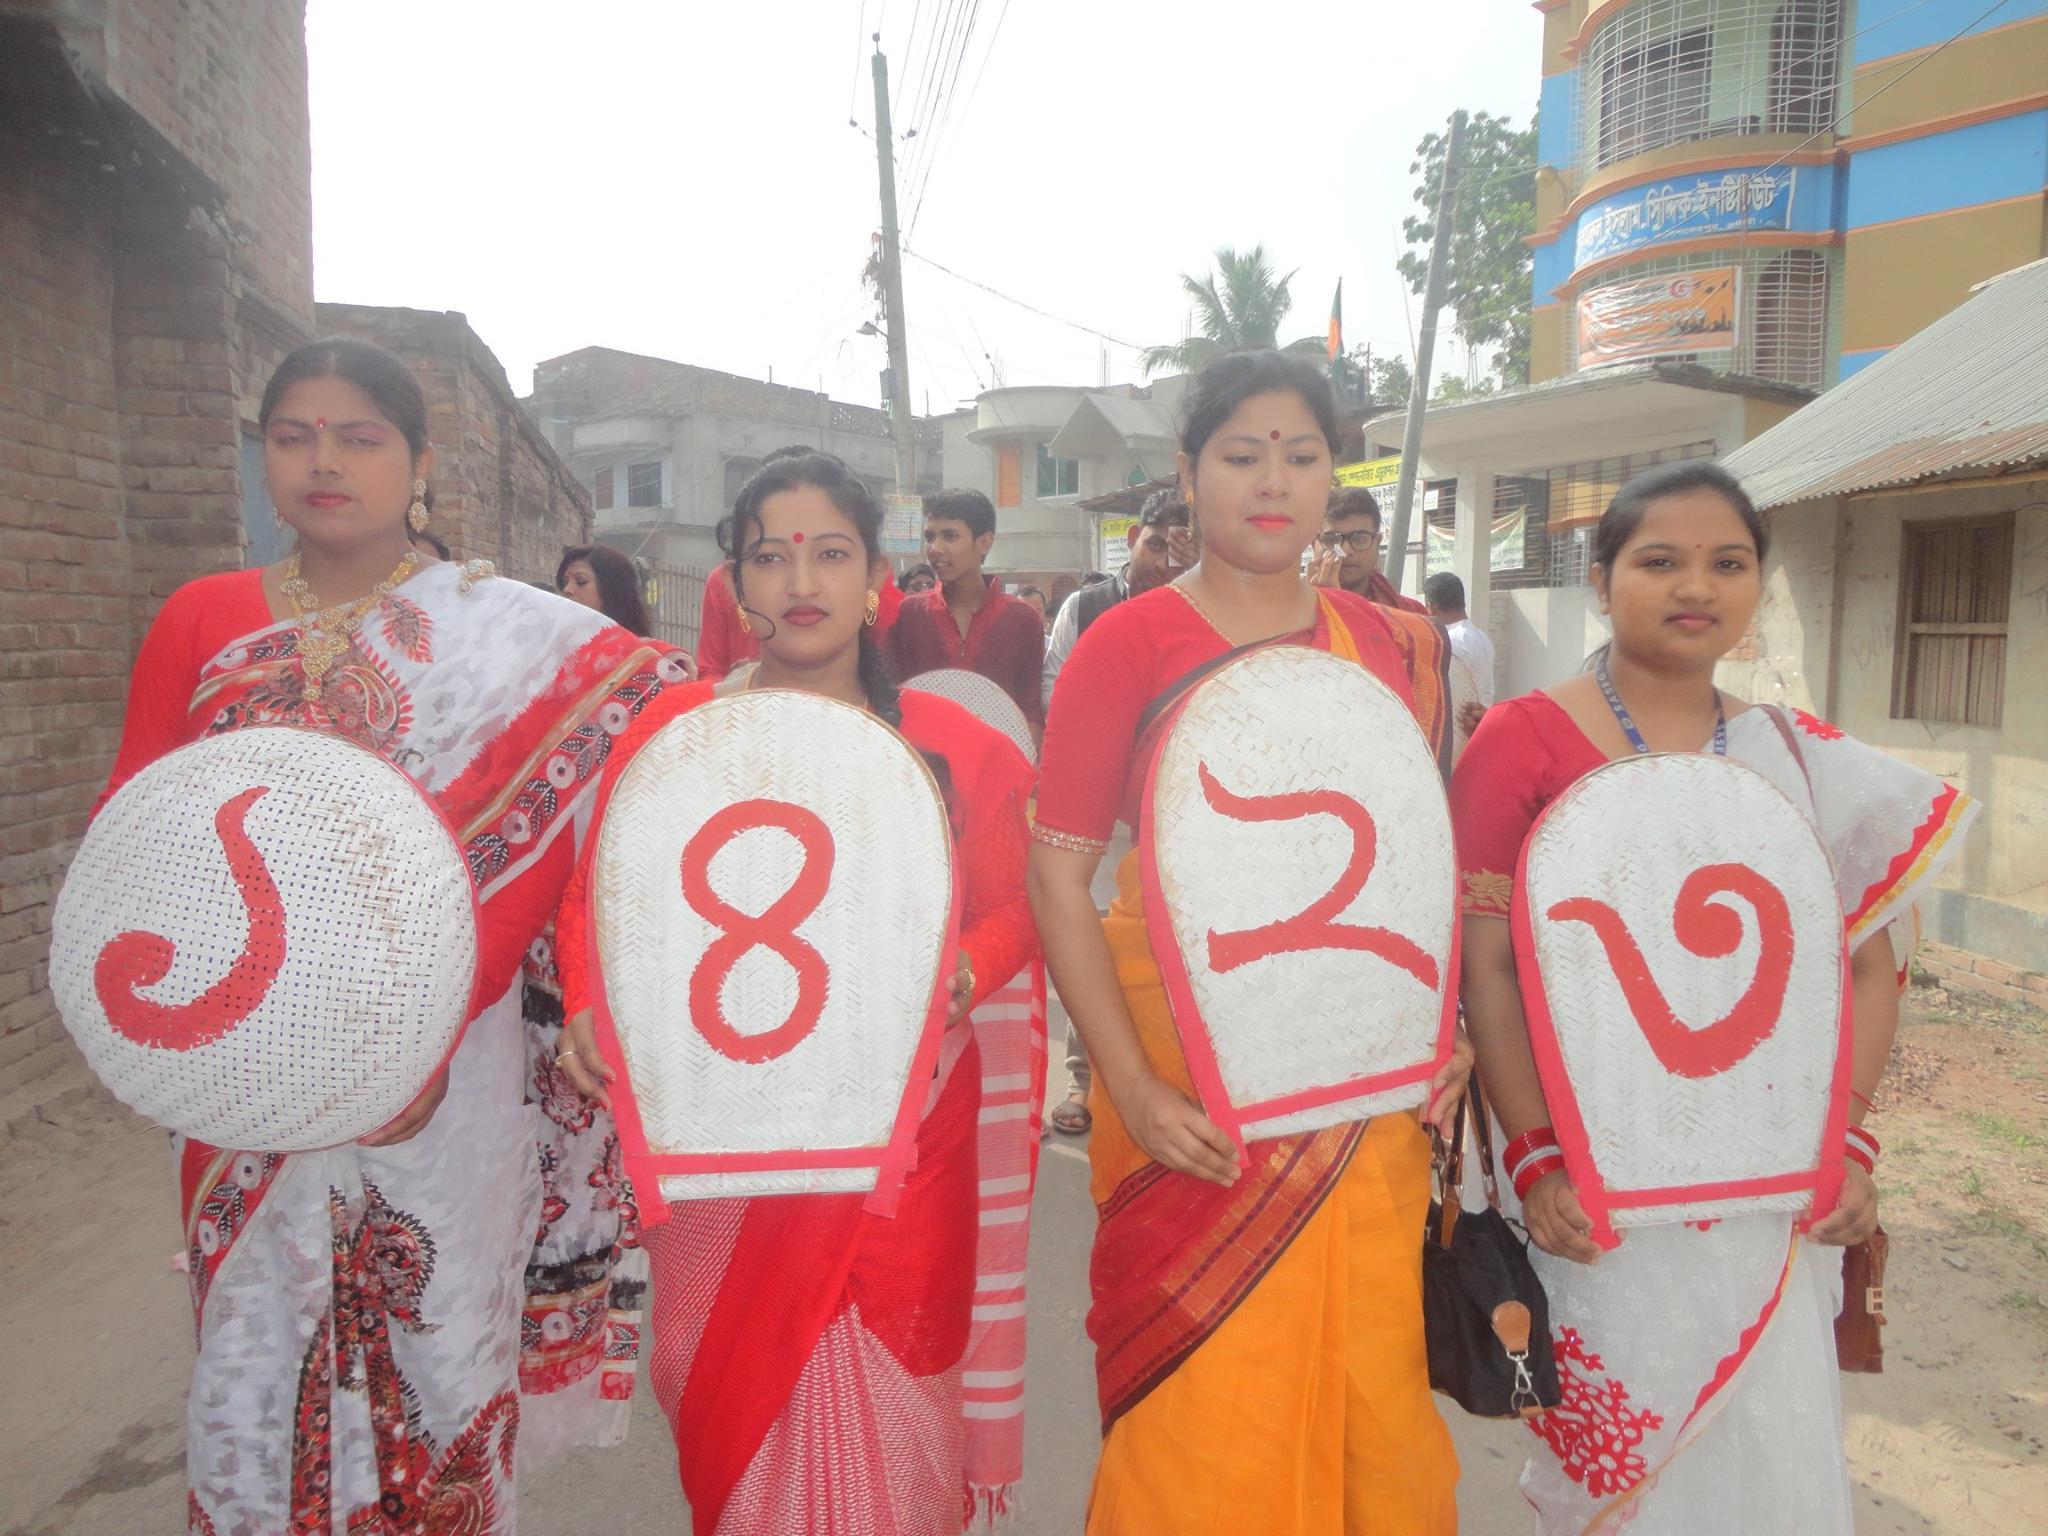 গুরুকুল শিক্ষা পরিবার কুষ্টিয়ার বাংলা নববর্ষ ১৪২৩ উদযাপন | Bangla New Year 1423 Celebration, Gurukul Kushtia